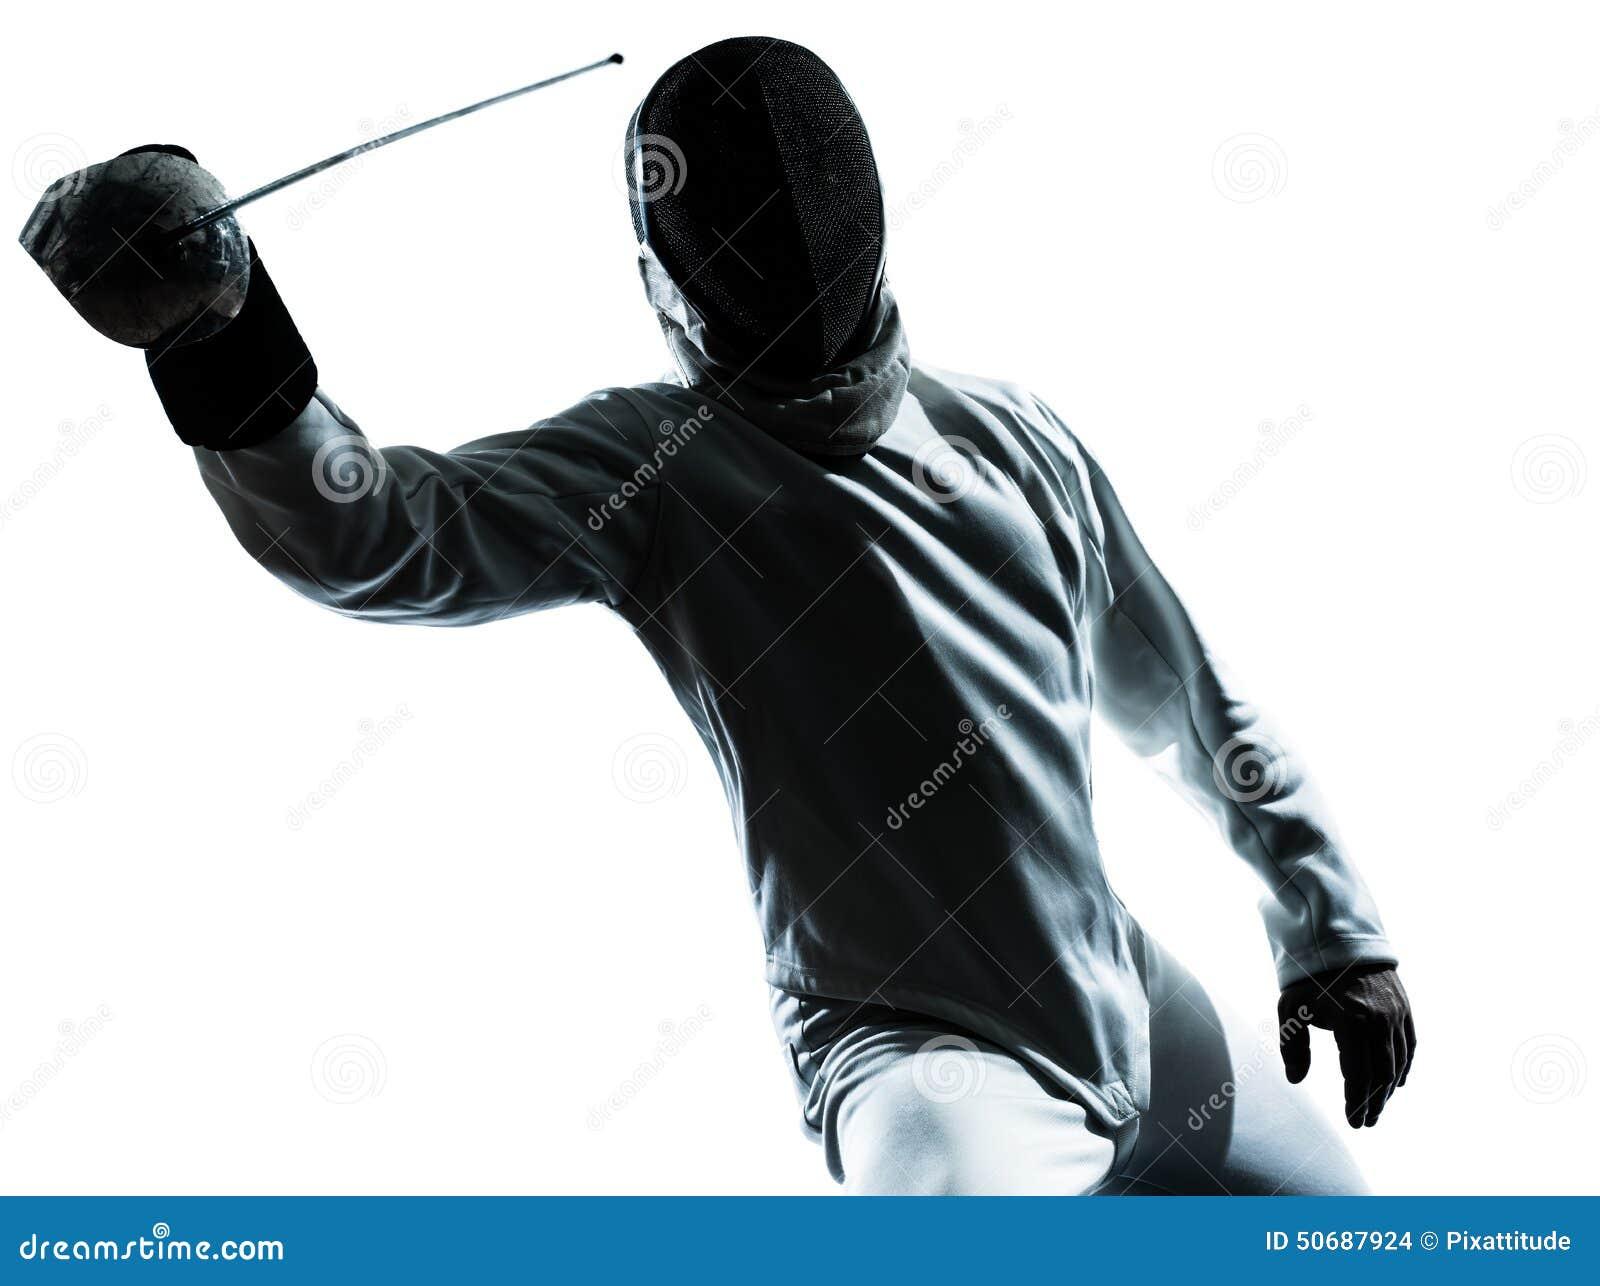 Download 操刀剪影的人 库存照片. 图片 包括有 剪影, 纵向, 体育运动, 背包, 安全性, 工作室, 空白, 操刀 - 50687924